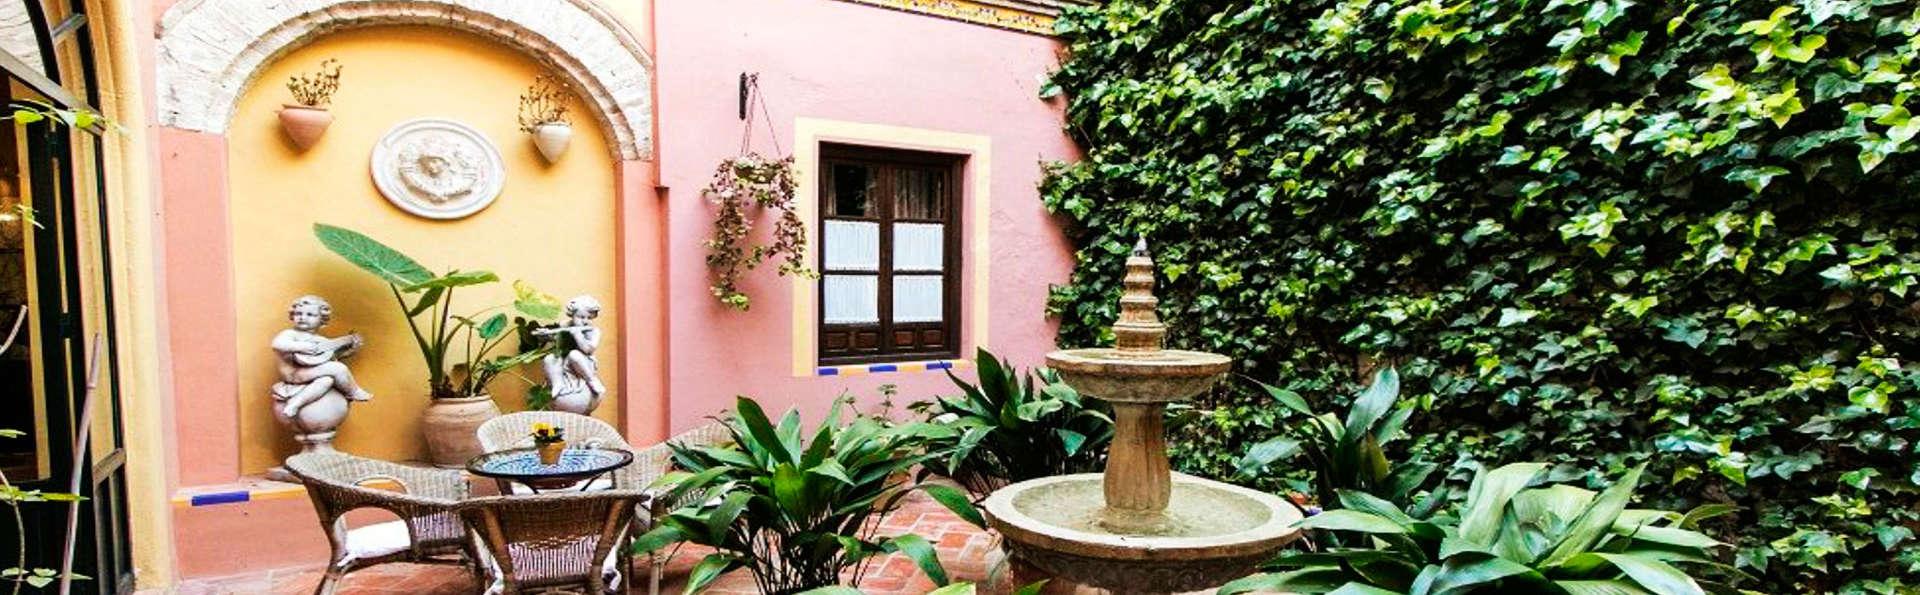 El Rincón de las Descalzas - EDIT_patio.jpg